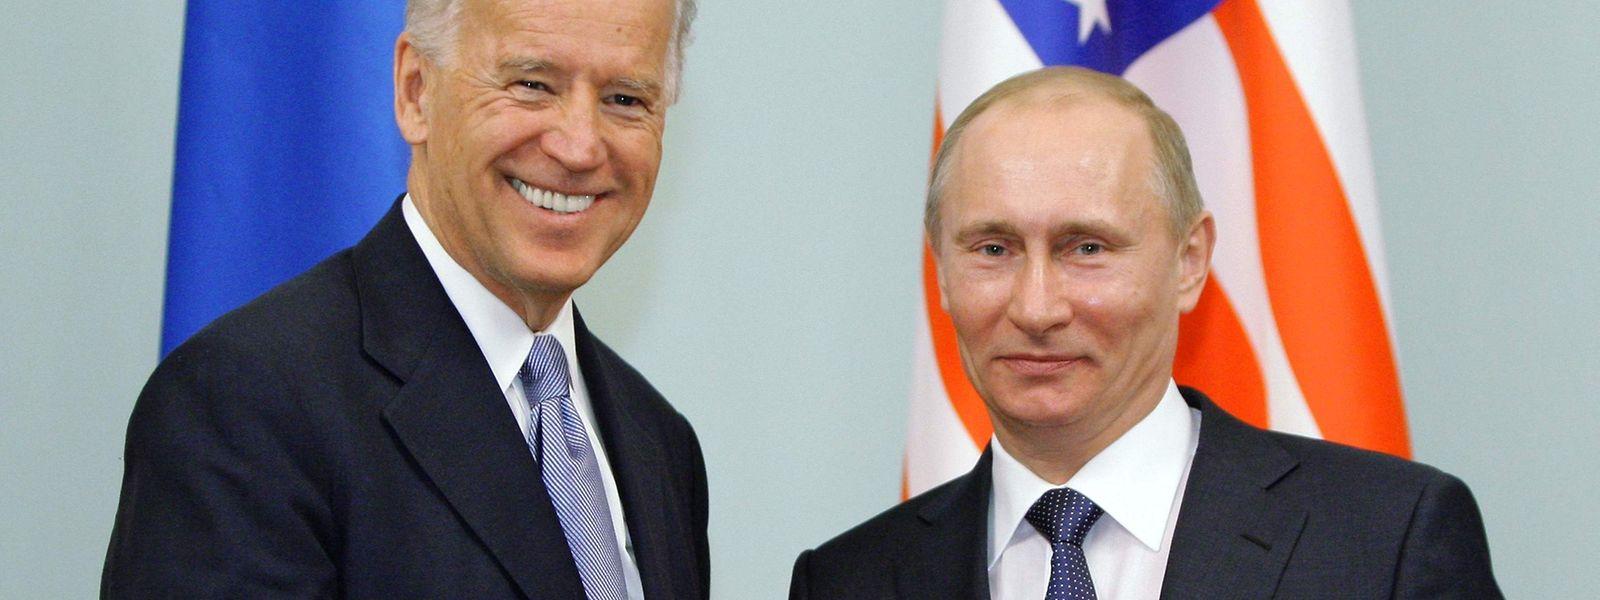 Beim ersten Telefongespräch zwischen US-Präsident Joe Biden (l.) und seinem russischen Amtskollegen Wladimir Putin hagelte es vor allem Kritik.